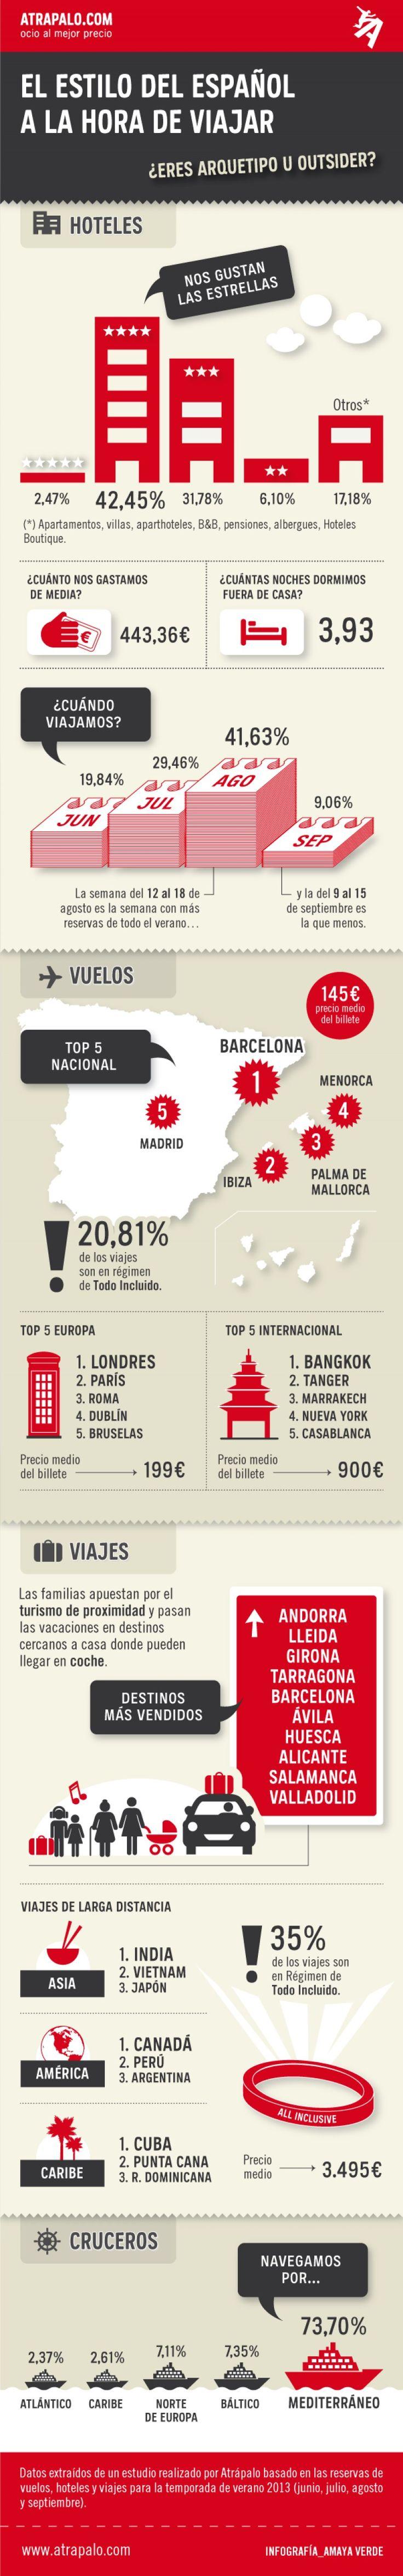 Hábitos del turista español a la hora de viajar #infografia #infographic #tourism